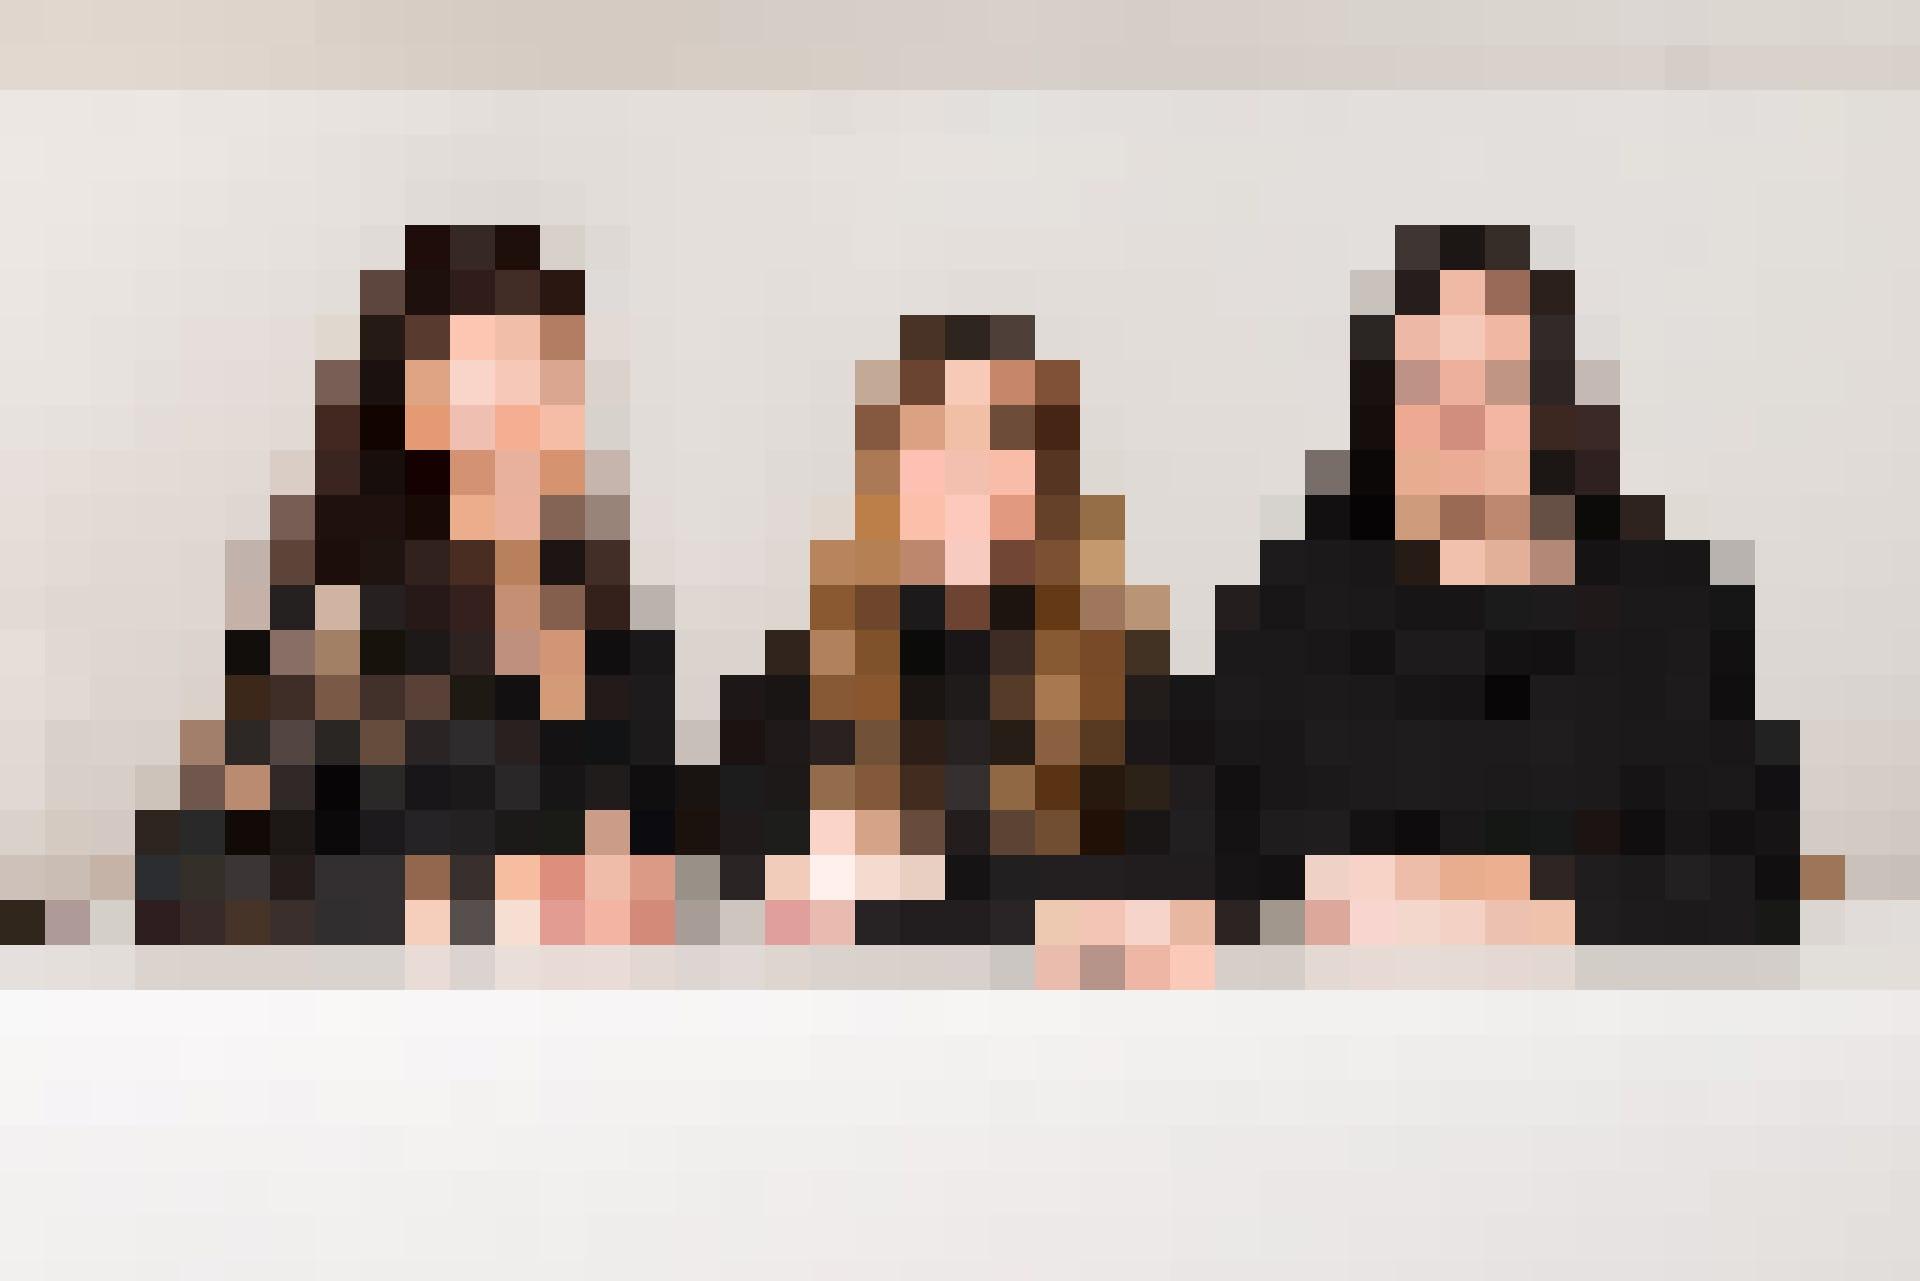 Das kompetente Team der TEKO Basel mit Schulleiterin Terry Tschumi, Martina Tato und Caroline Berthoud (von links nach rechts).